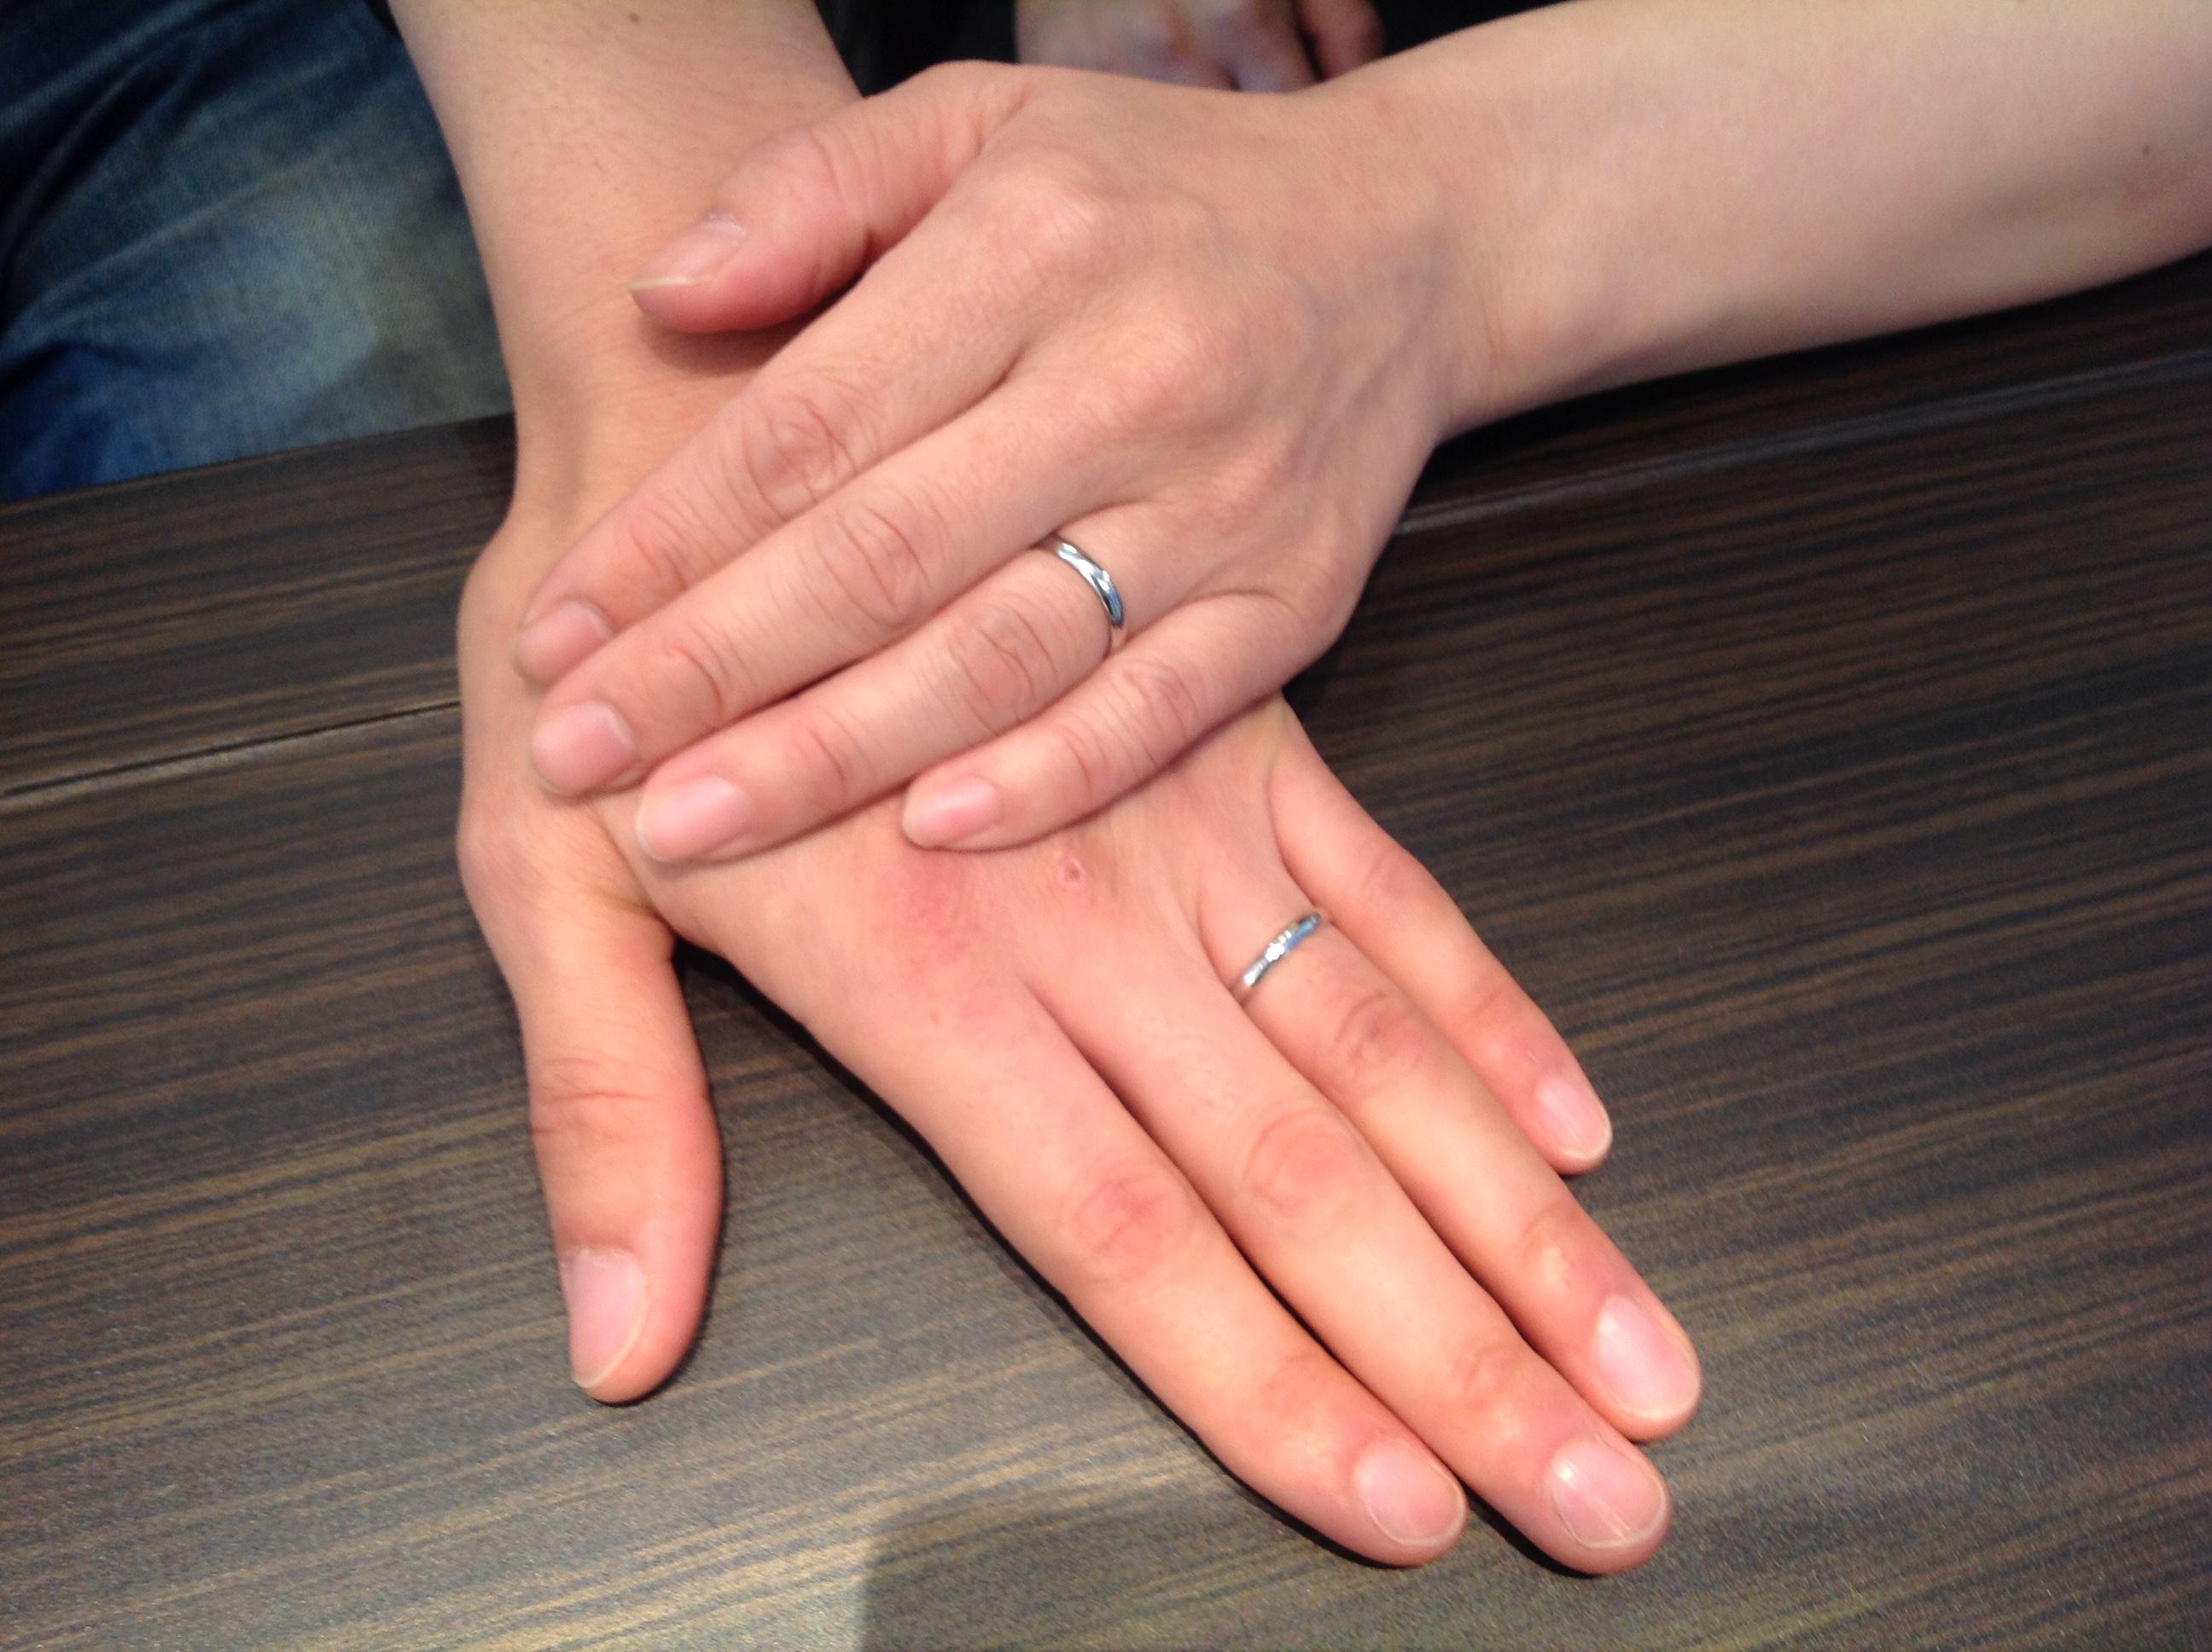 Something Blue(サムシングブルー)の結婚指輪(マリッジリング)をお作り頂きました。